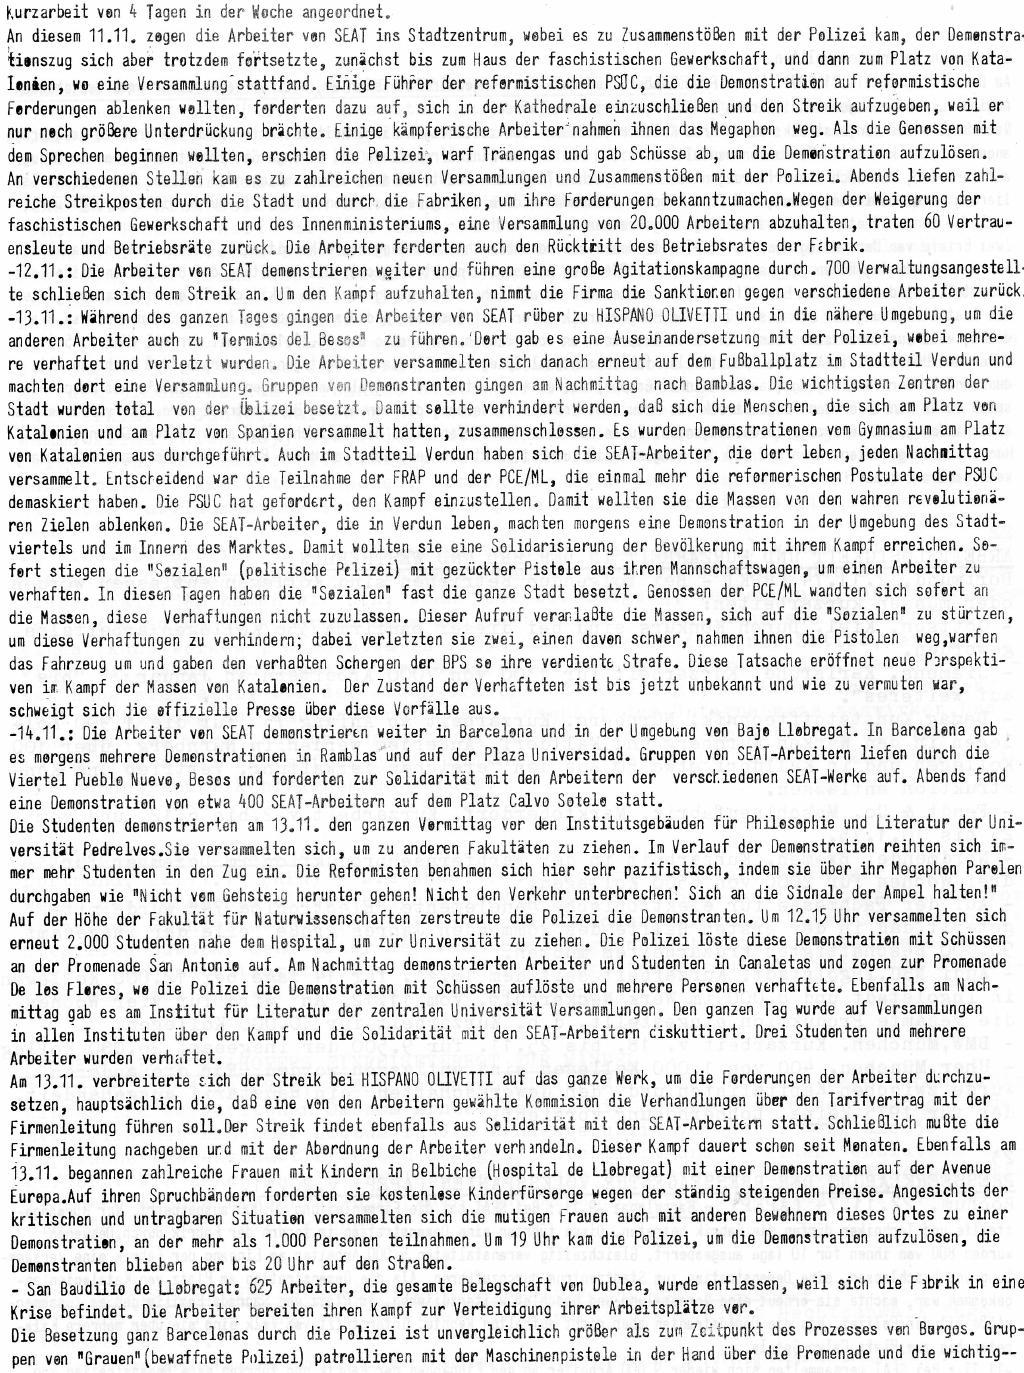 RPK_Pressedienst_1974_03_08